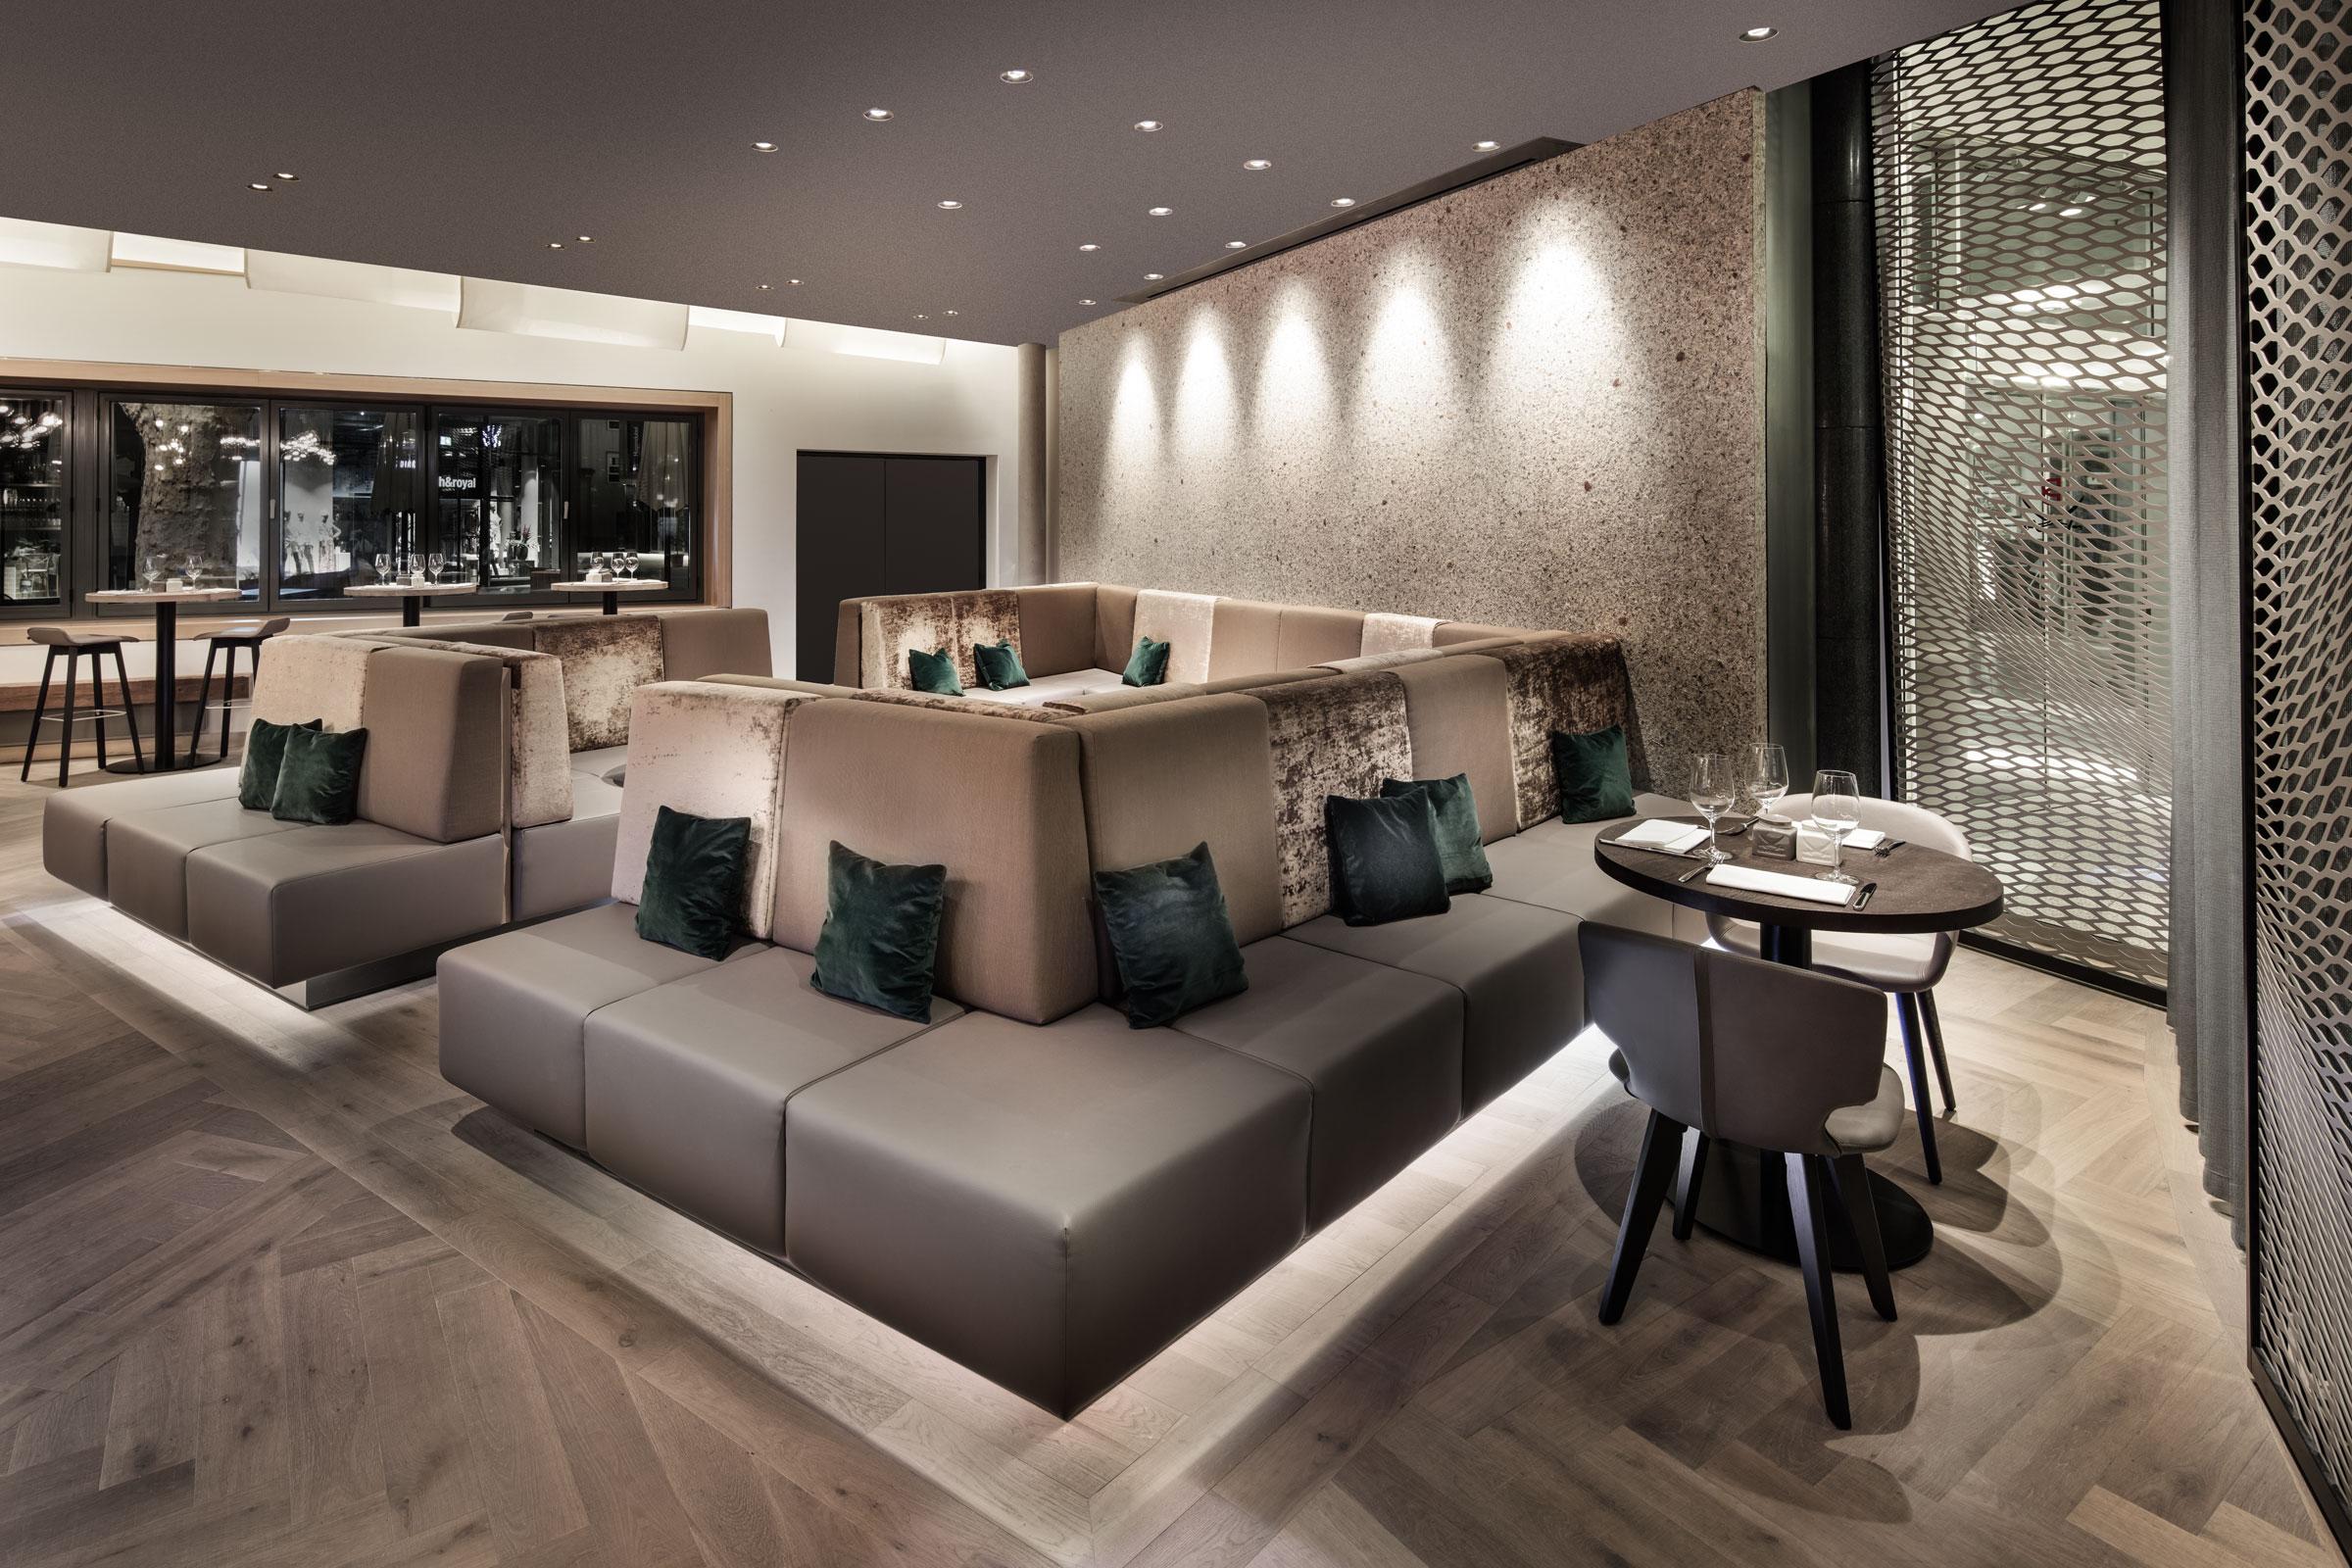 Sansibar by Breuninger, Lounge